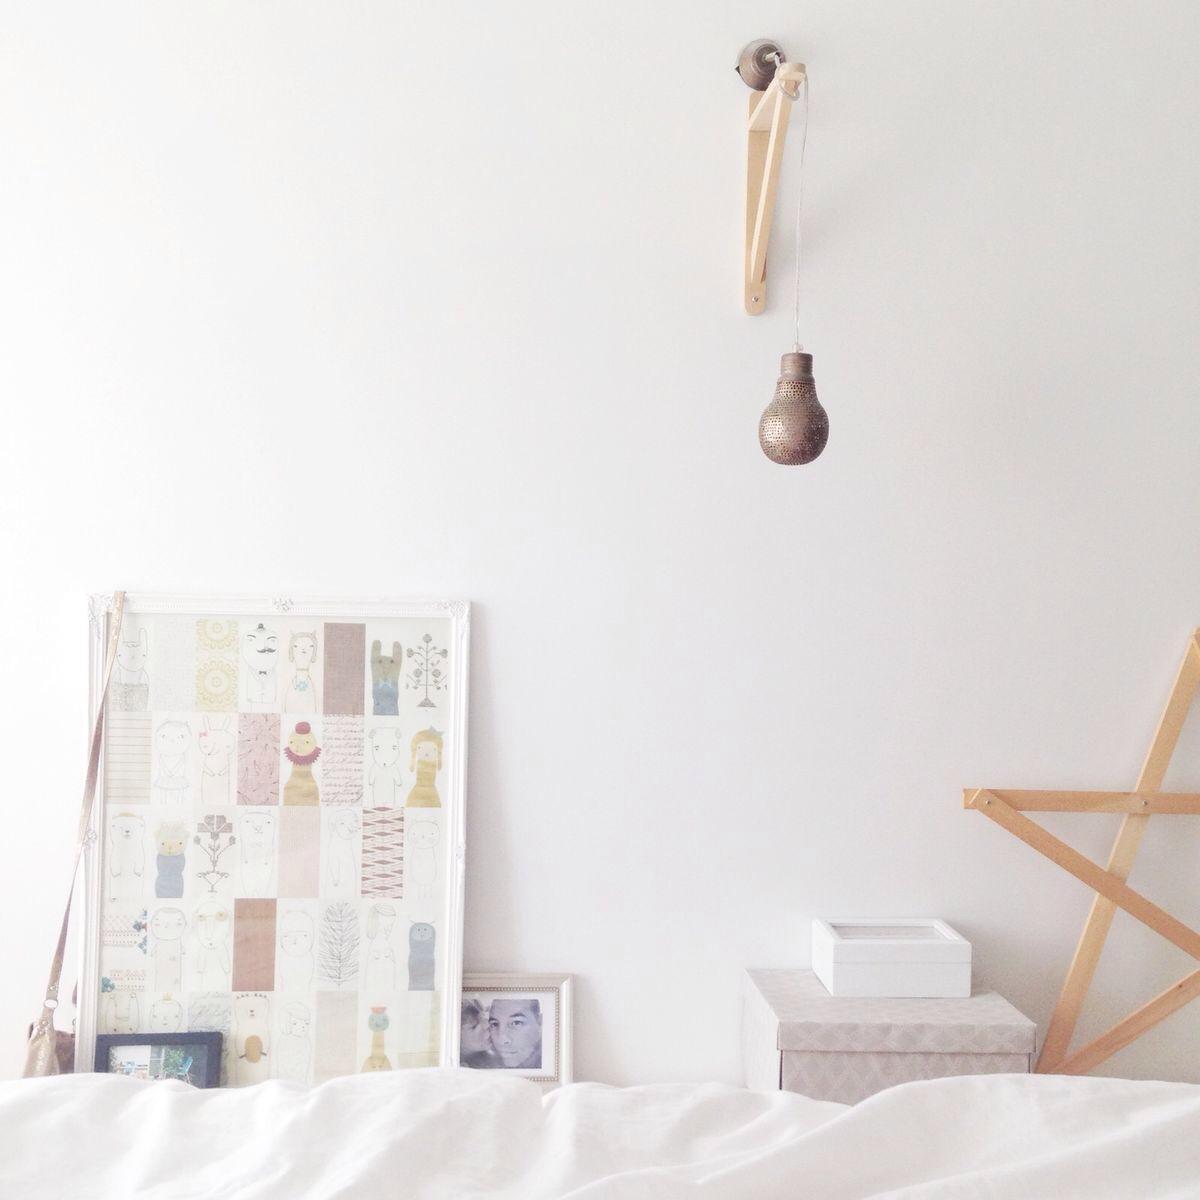 selinesteba.com - Bankje in de slaapkamer - Seline Steba